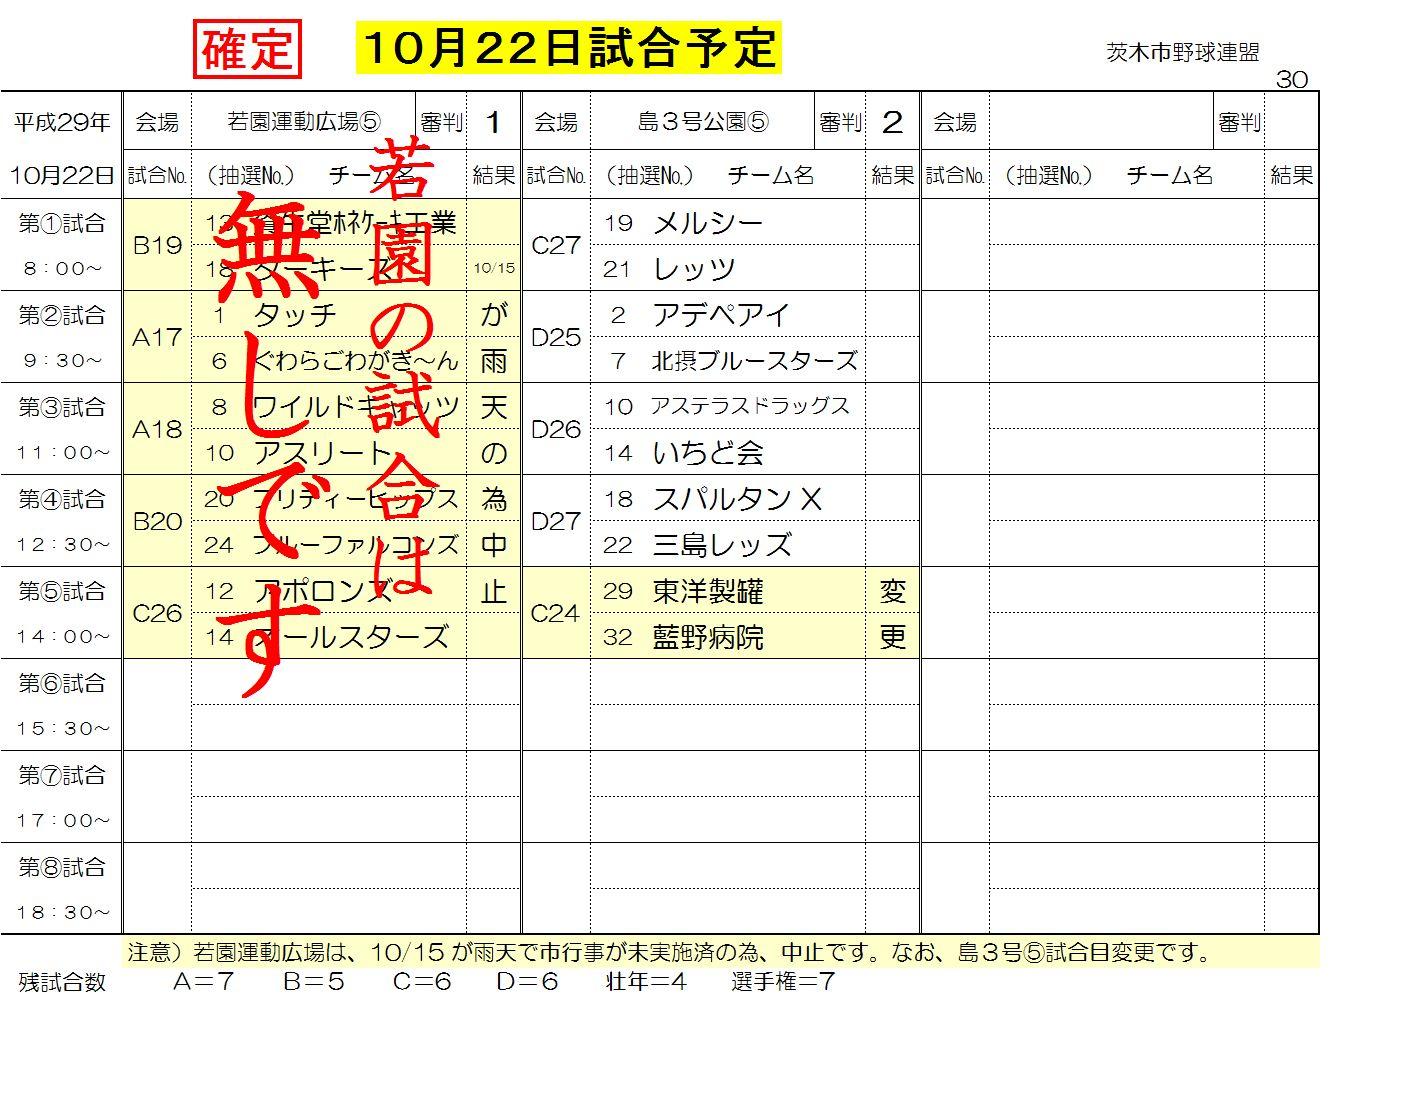 10月22日試合予定確定